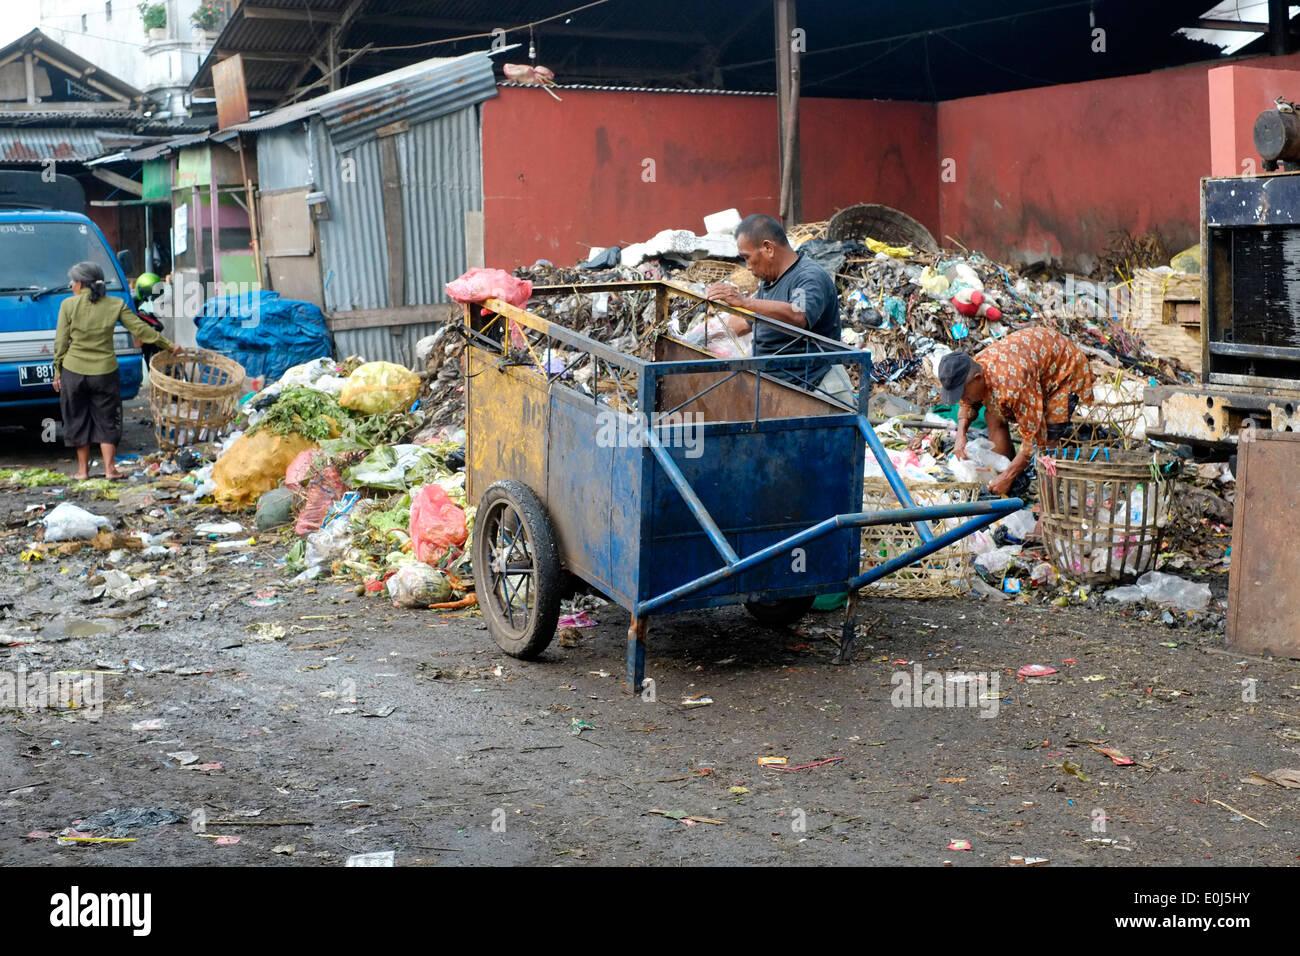 lokale Mann arbeitet auf Haufen stinkenden Müll auf eine öffentliche Müllkippe in Malang-Indonesien Stockbild